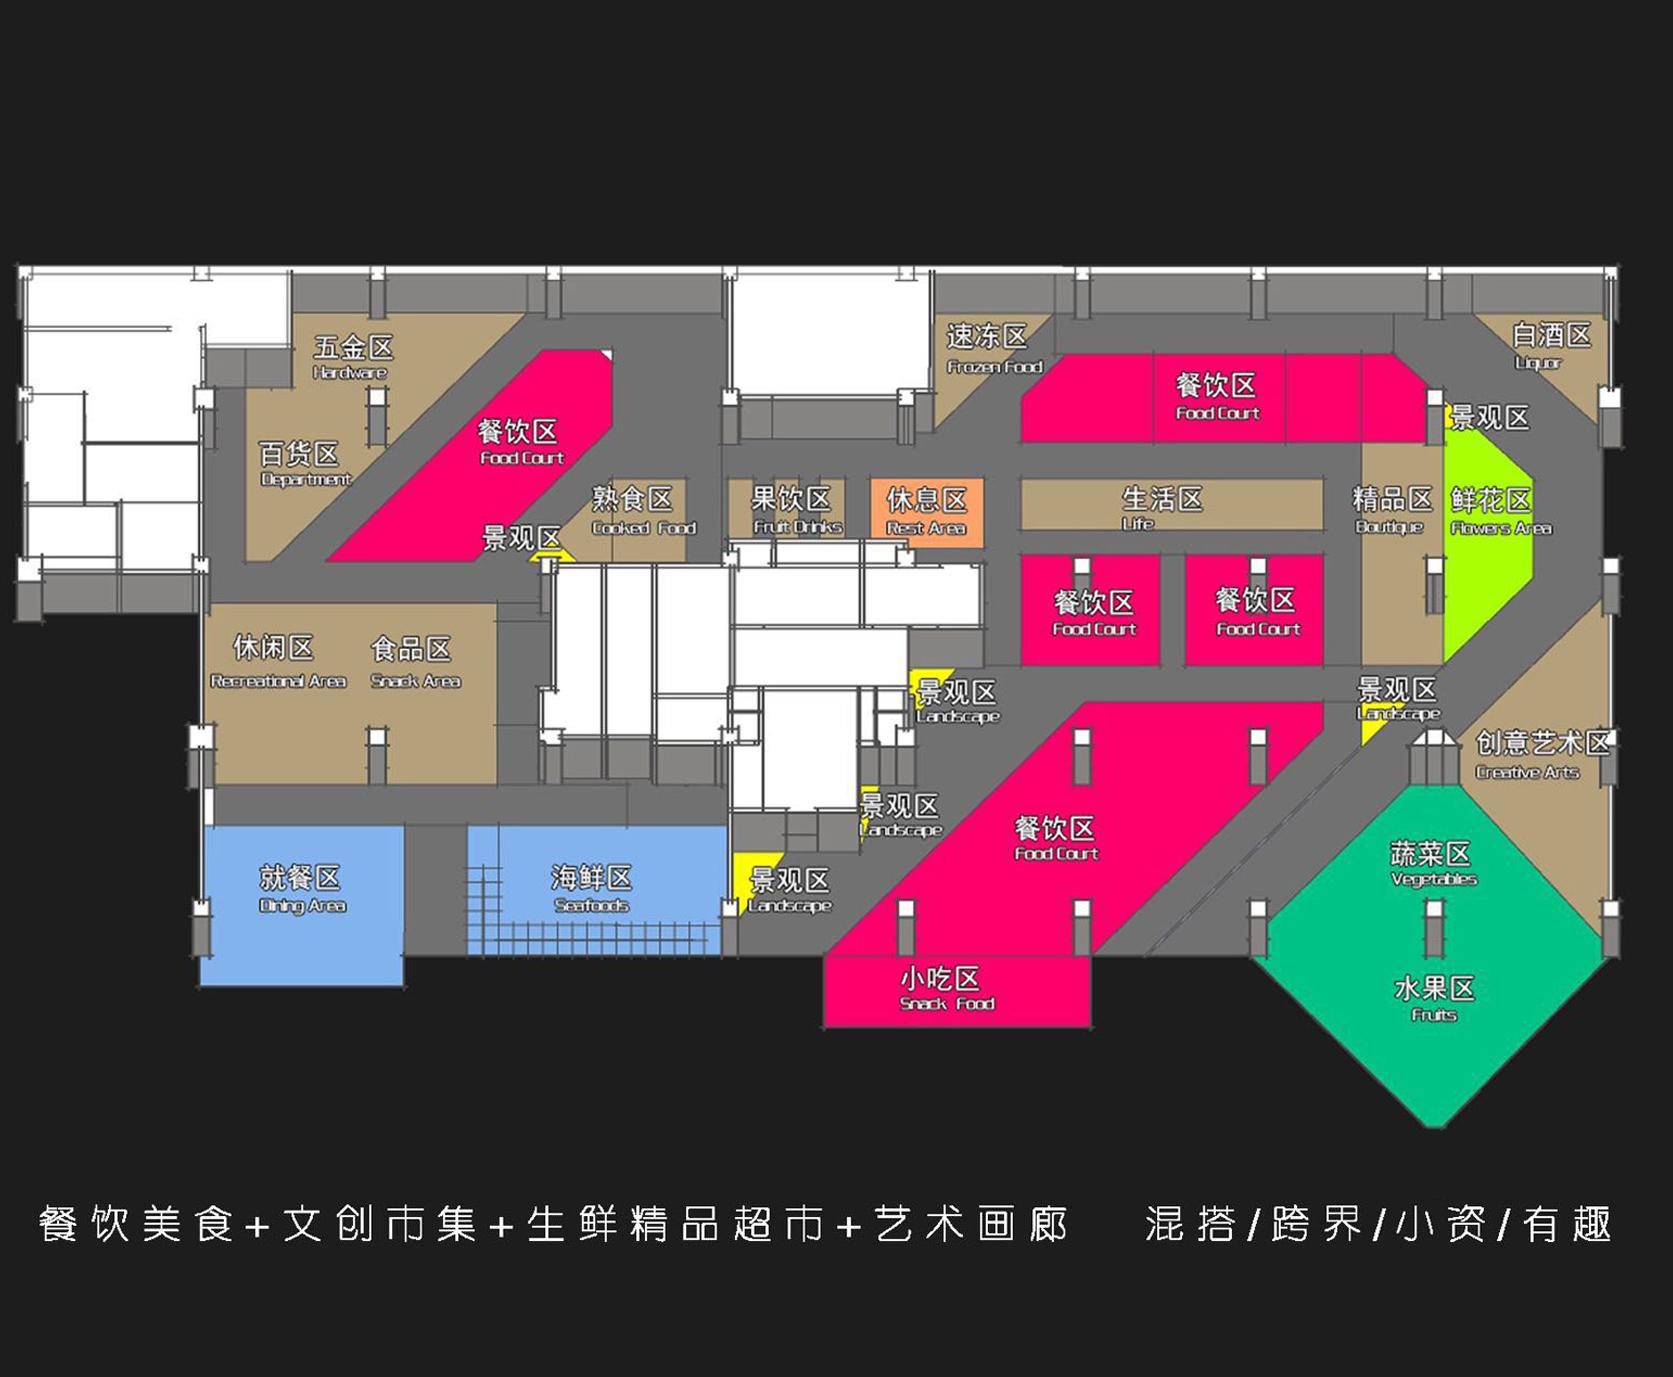 广场美食v广场济南5.13美食节位置图片